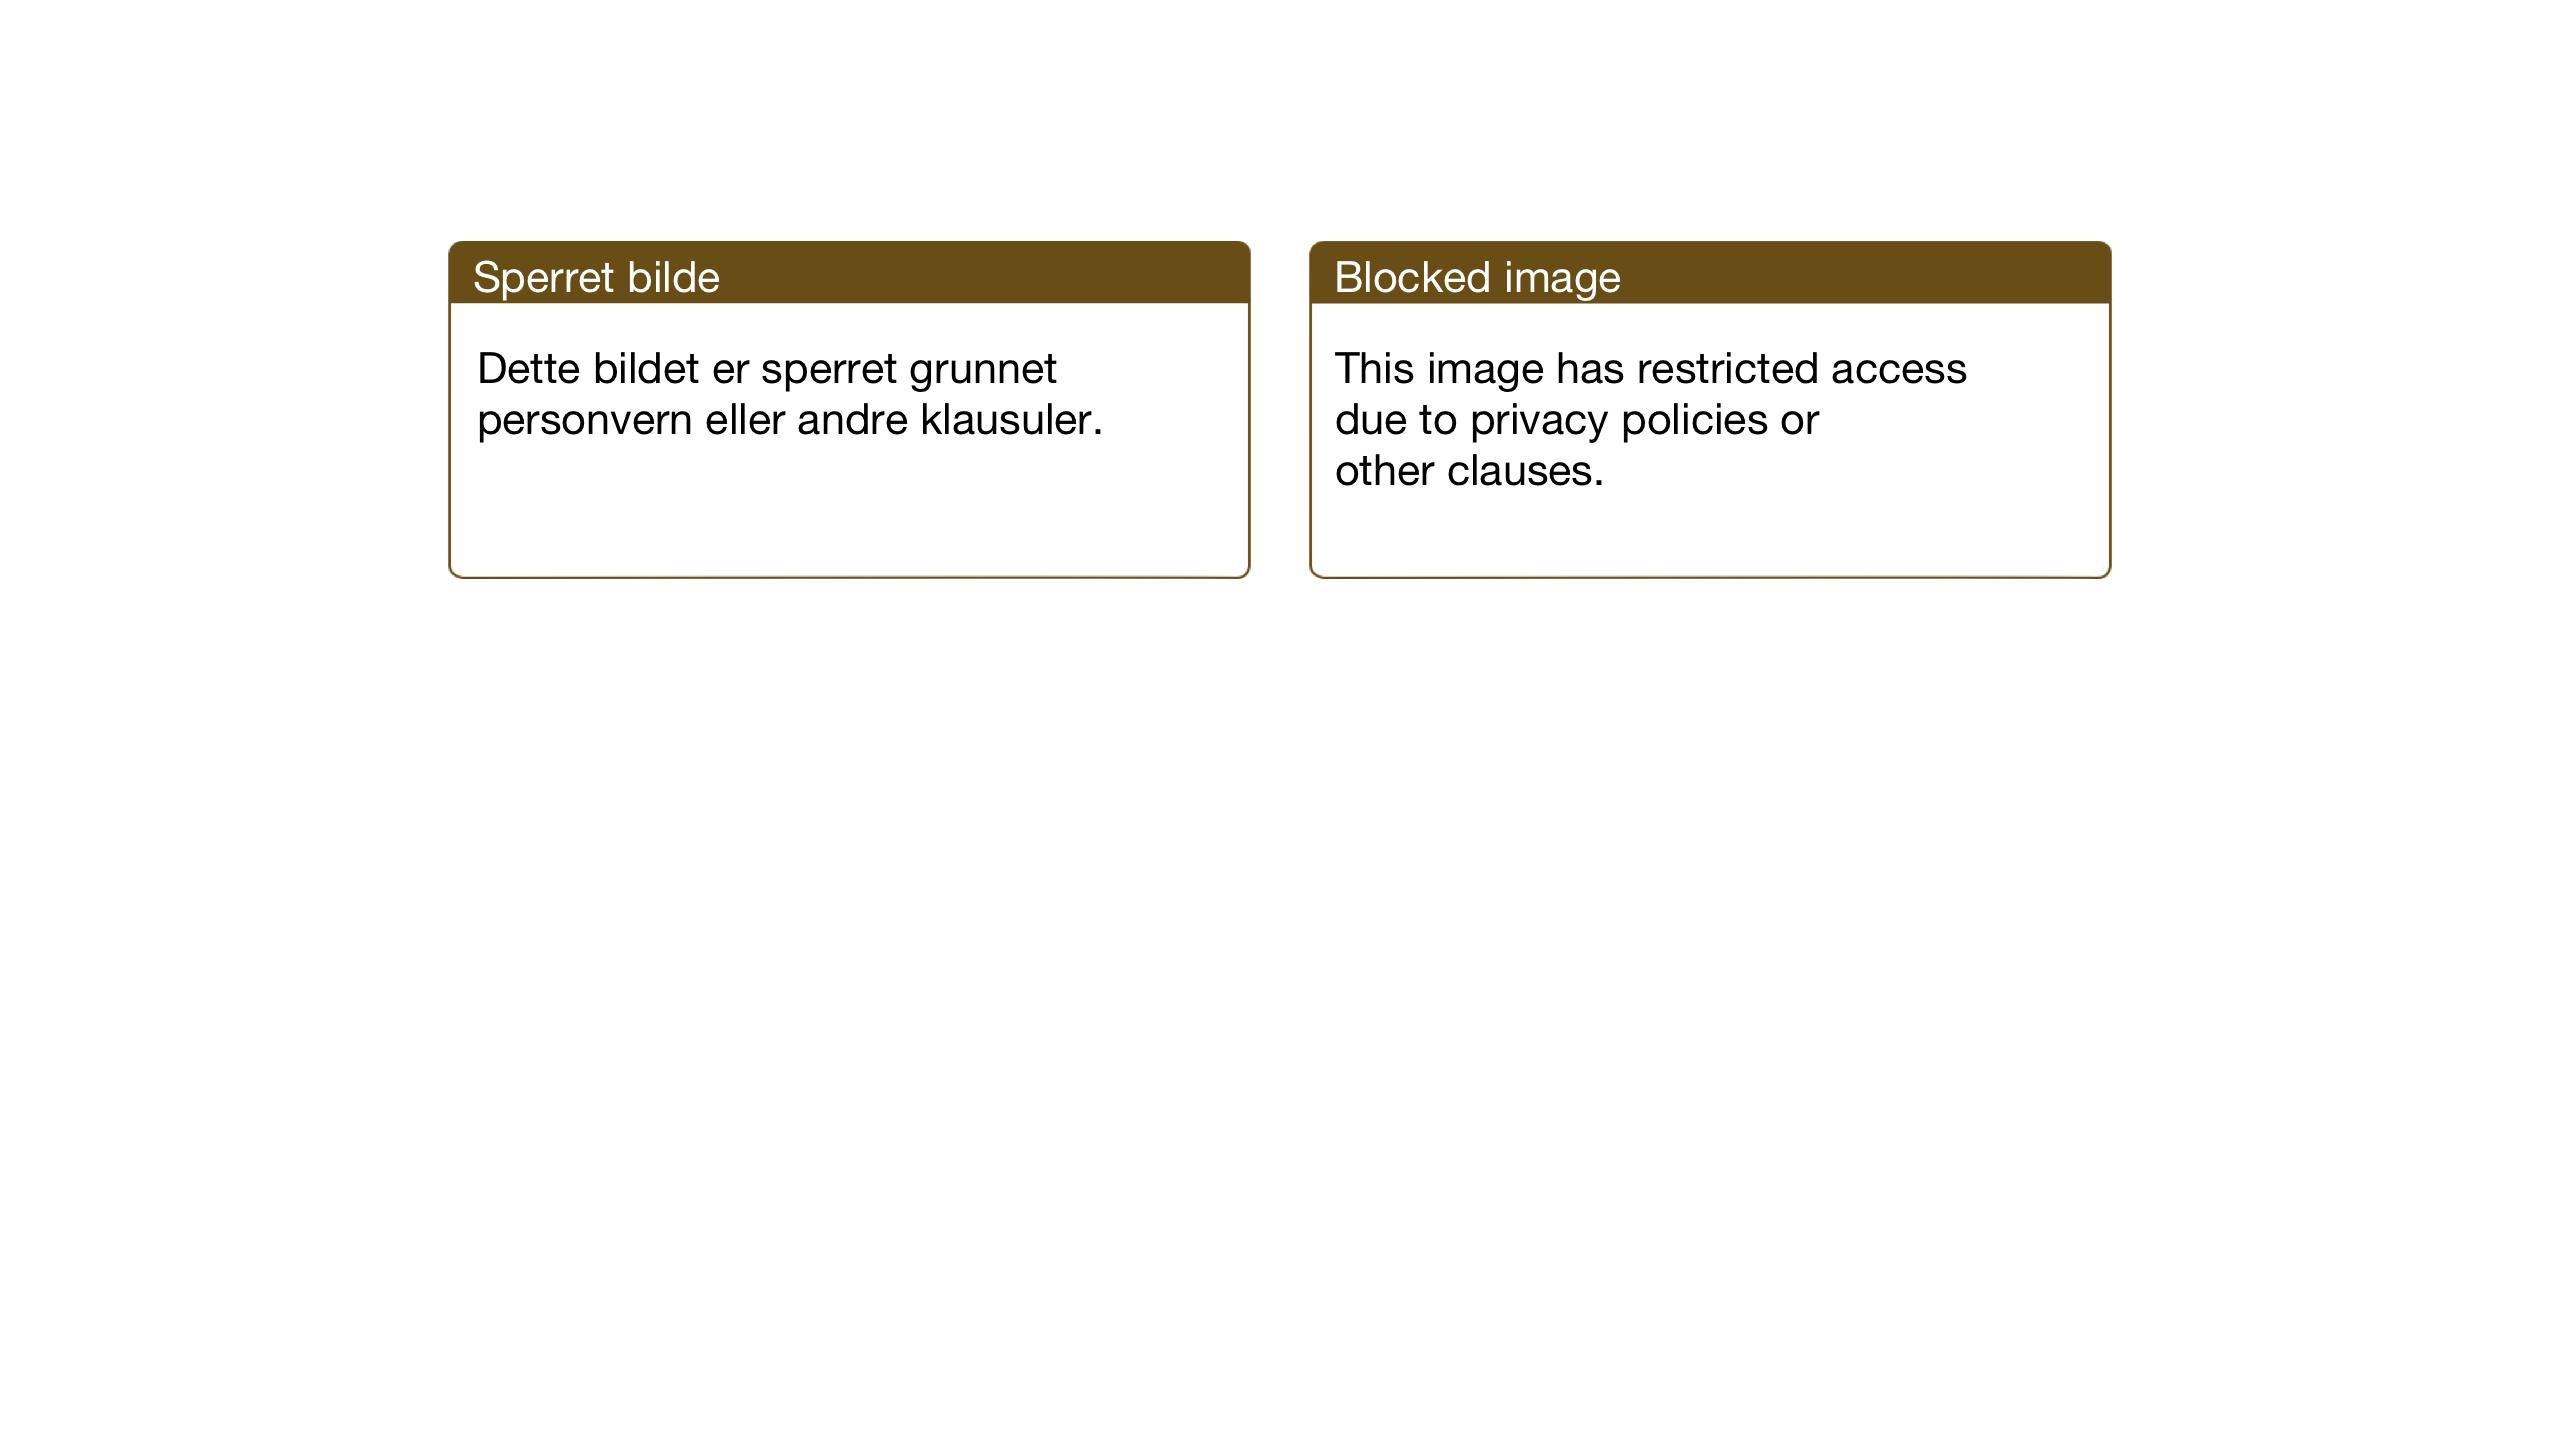 SAT, Ministerialprotokoller, klokkerbøker og fødselsregistre - Sør-Trøndelag, 655/L0690: Klokkerbok nr. 655C06, 1937-1950, s. 147